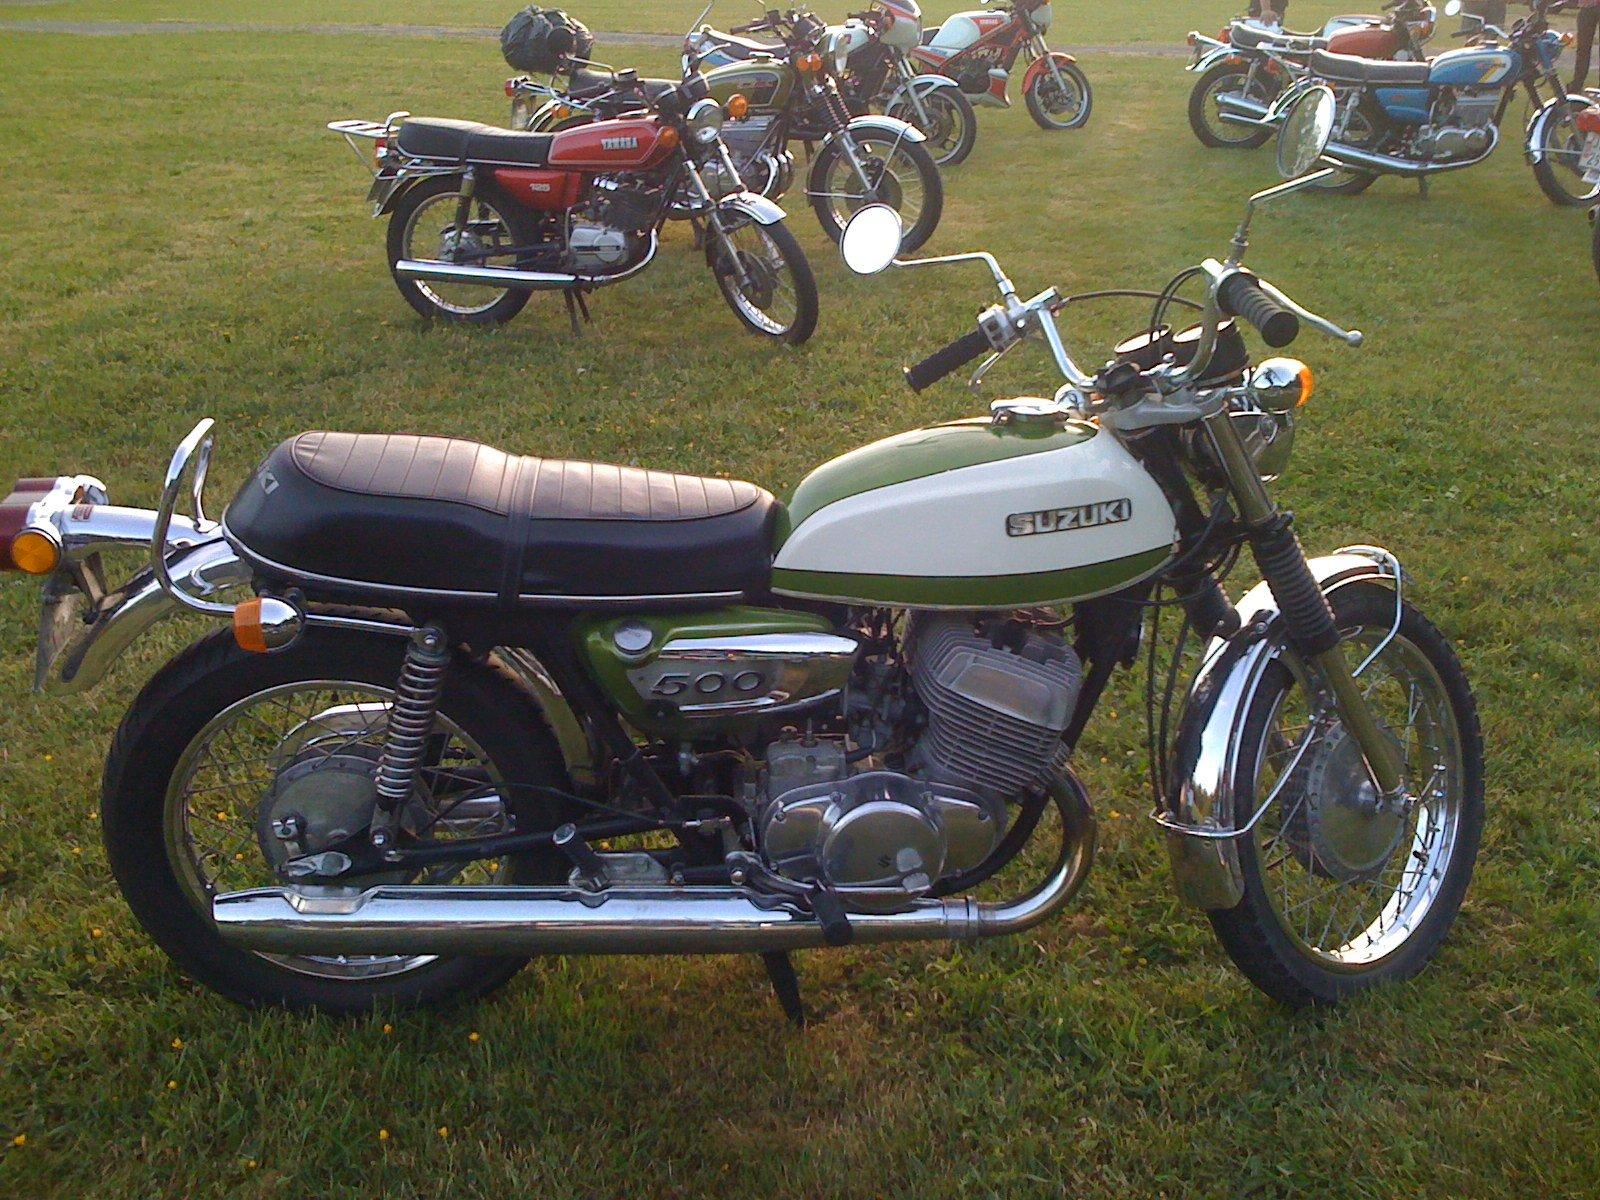 Suzuki RG150R 1997